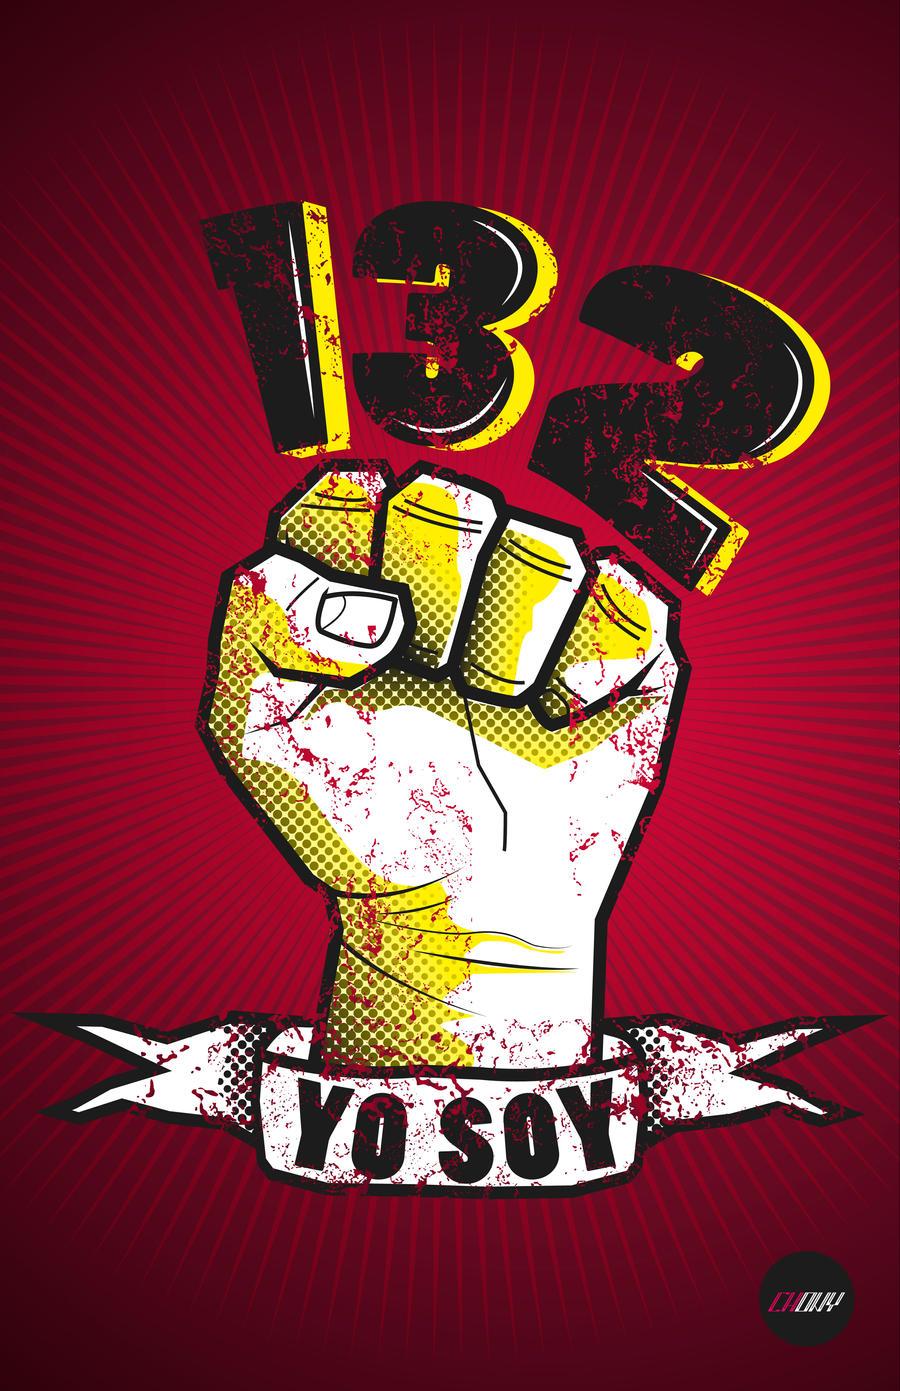 Yo soy 132 by jopeli88